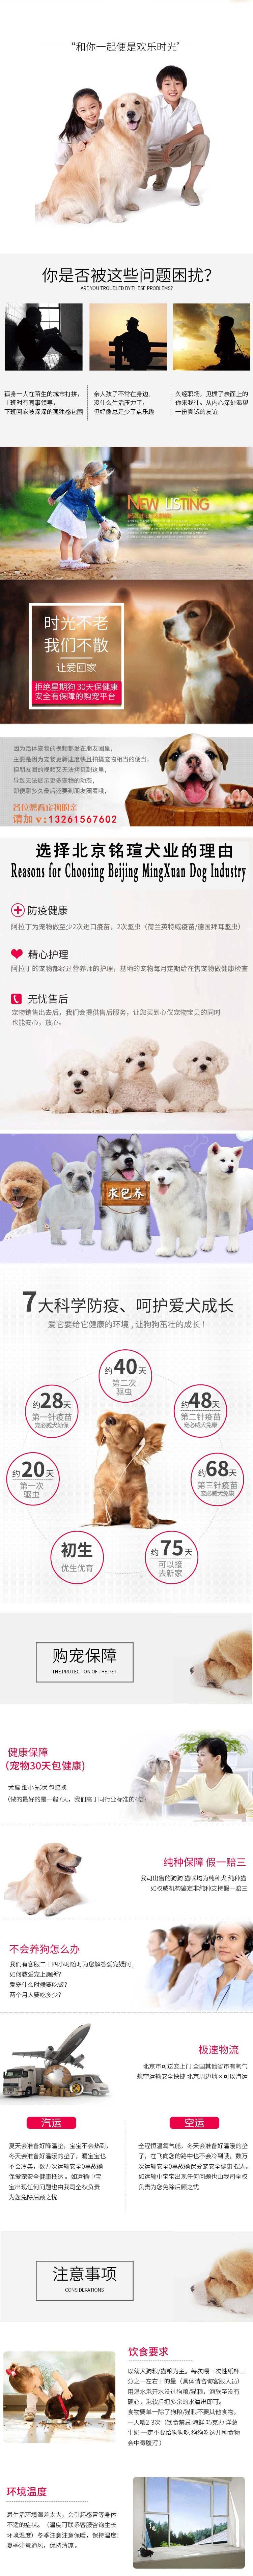 出售纯种纽芬兰幼犬活体家养巨型纽芬兰犬宠物狗狗8